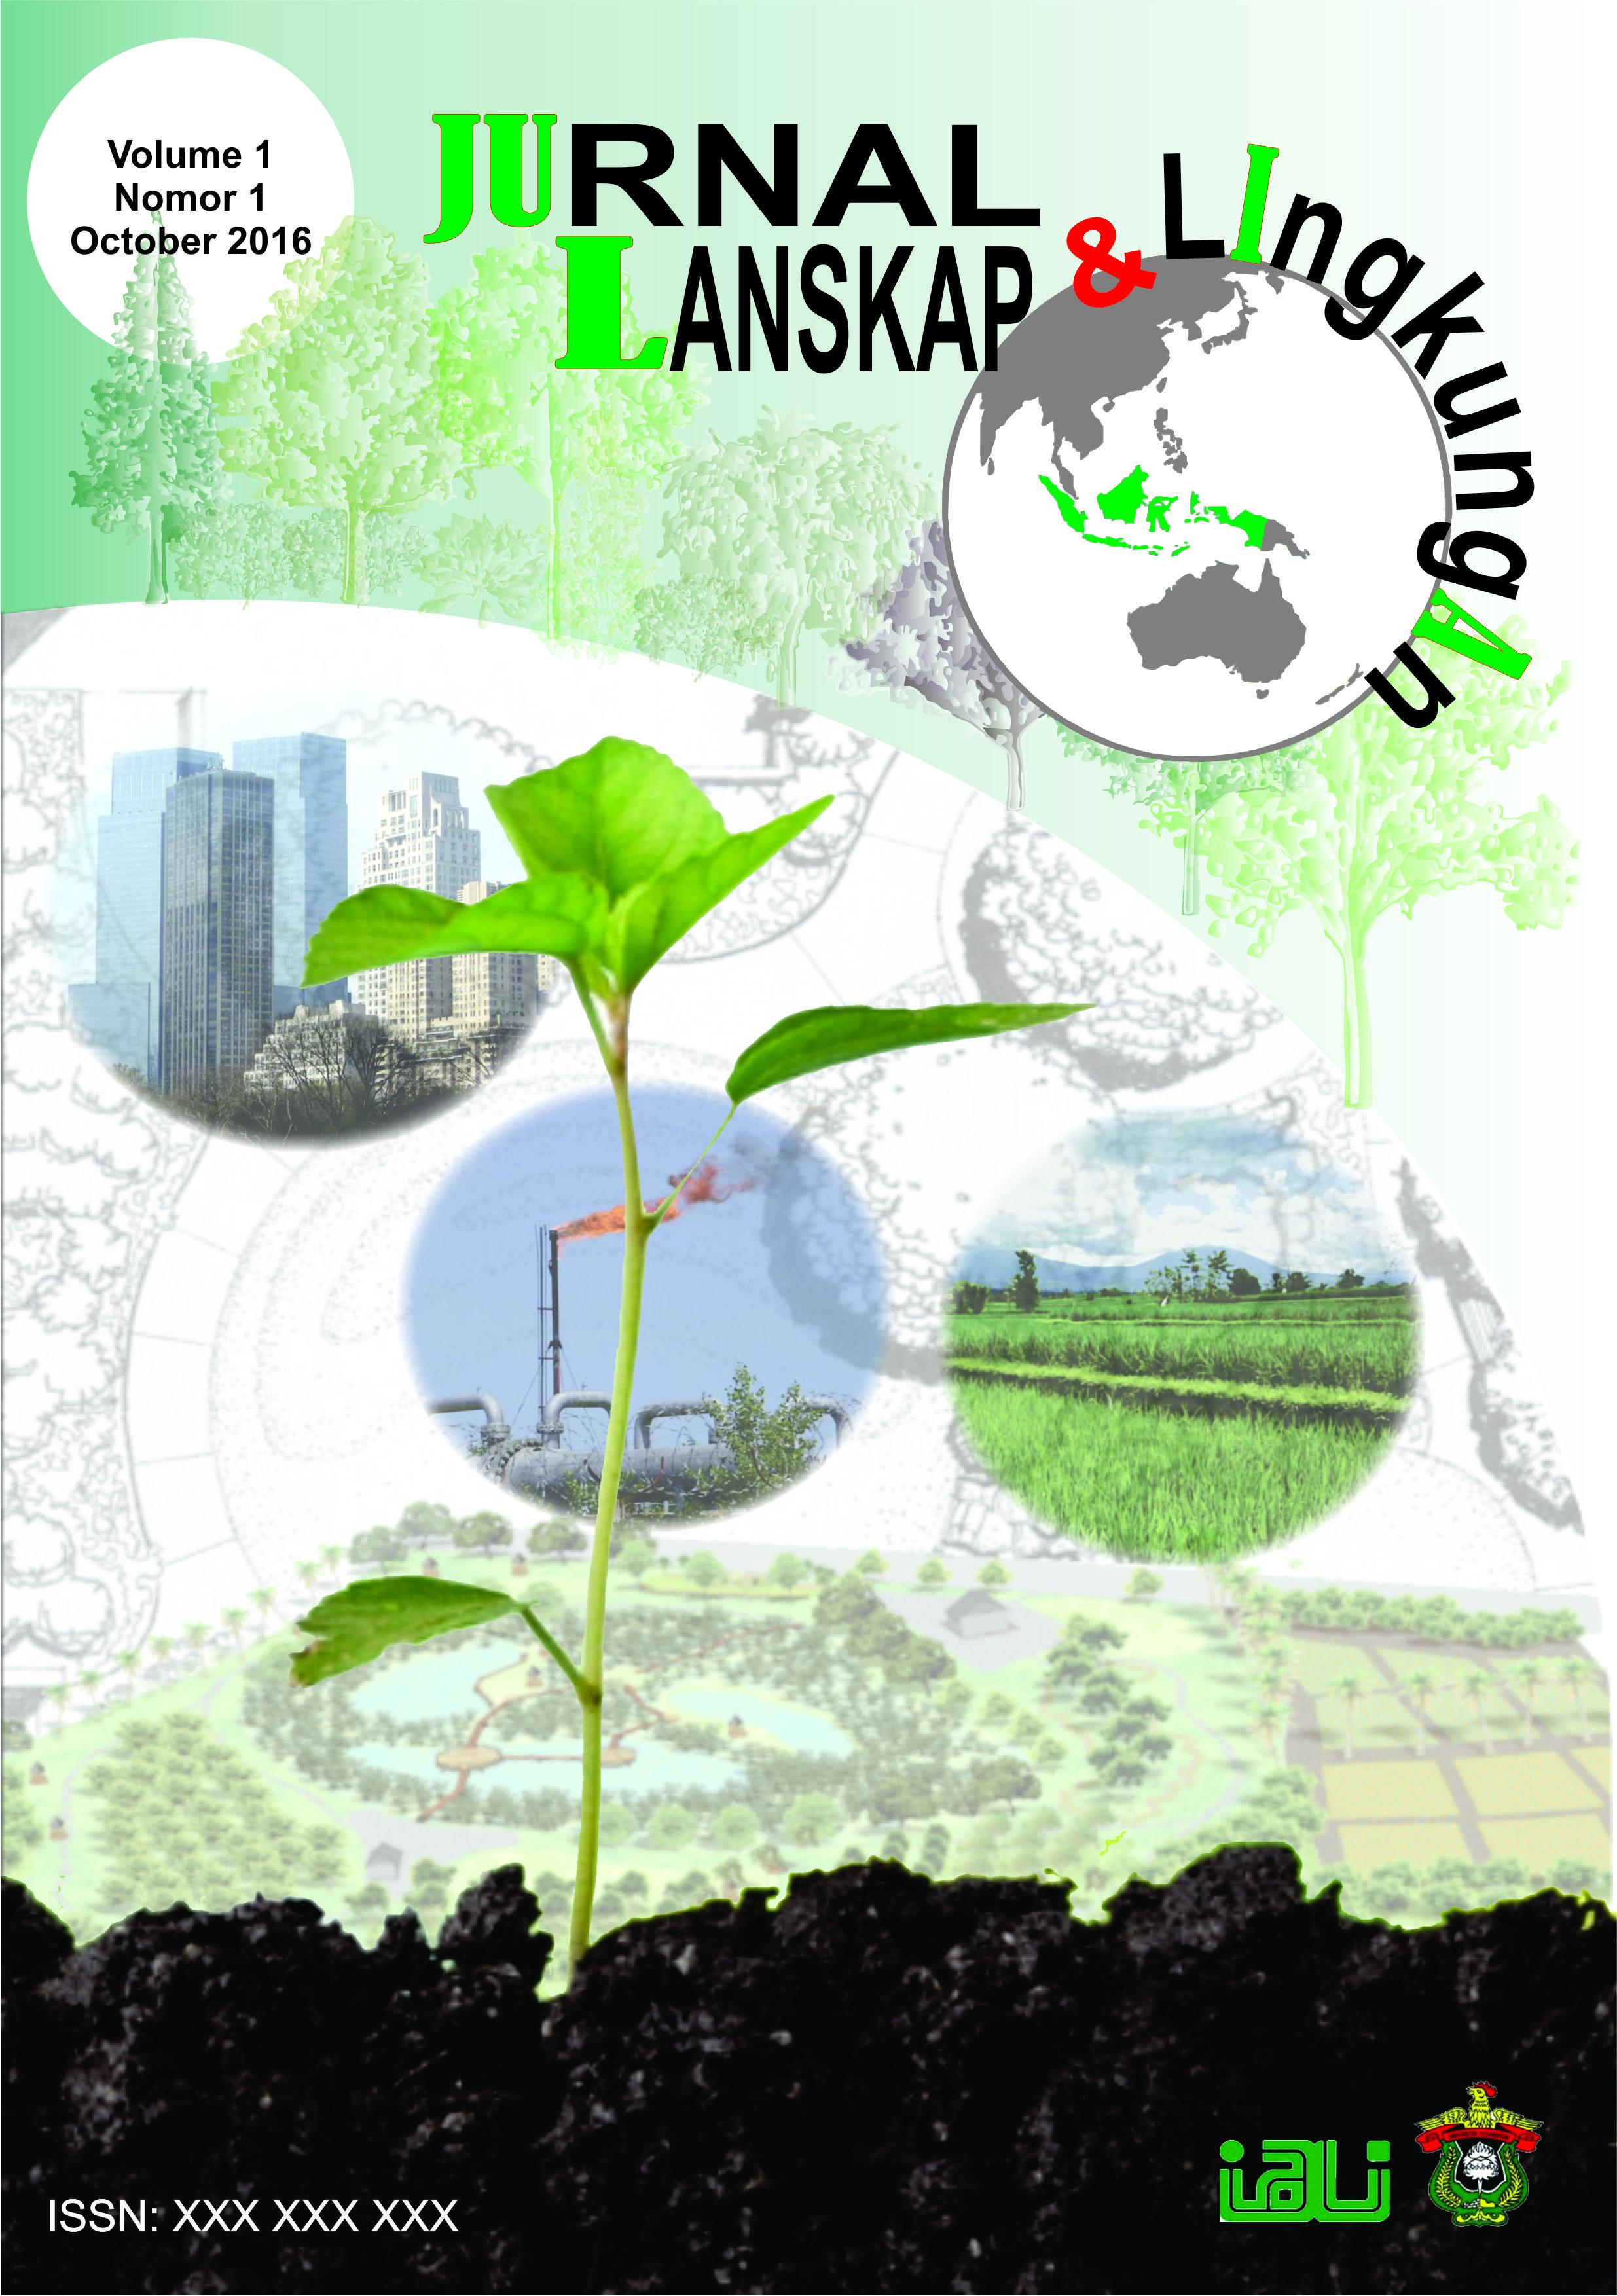 Jurnal Lanskap dan Lingkungan (JULIA) bertujuan untuk menyebarluaskan informasi, memberikan kontribusi yang membahas segala aspek dengan lansekap dan lingkungan. Lingkup kajian menyangkut perencanaan, desain, pembangunan dan pengelolaan lanskap dan lingku